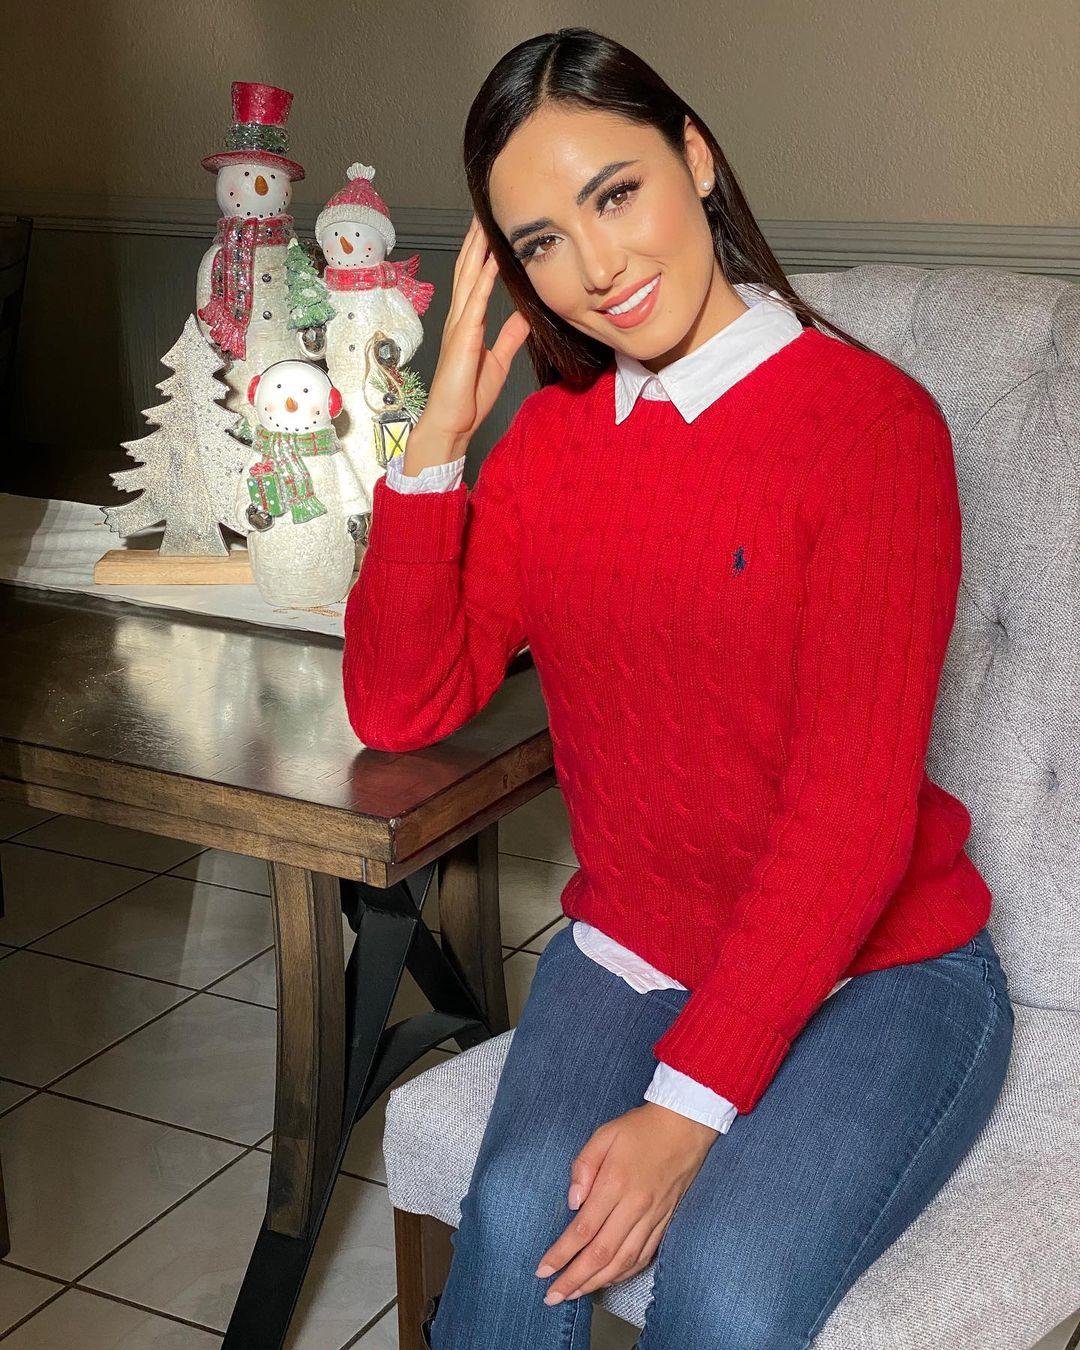 karolina vidales, candidata a miss mexico 2021, representando michoacan. - Página 10 Wuget10